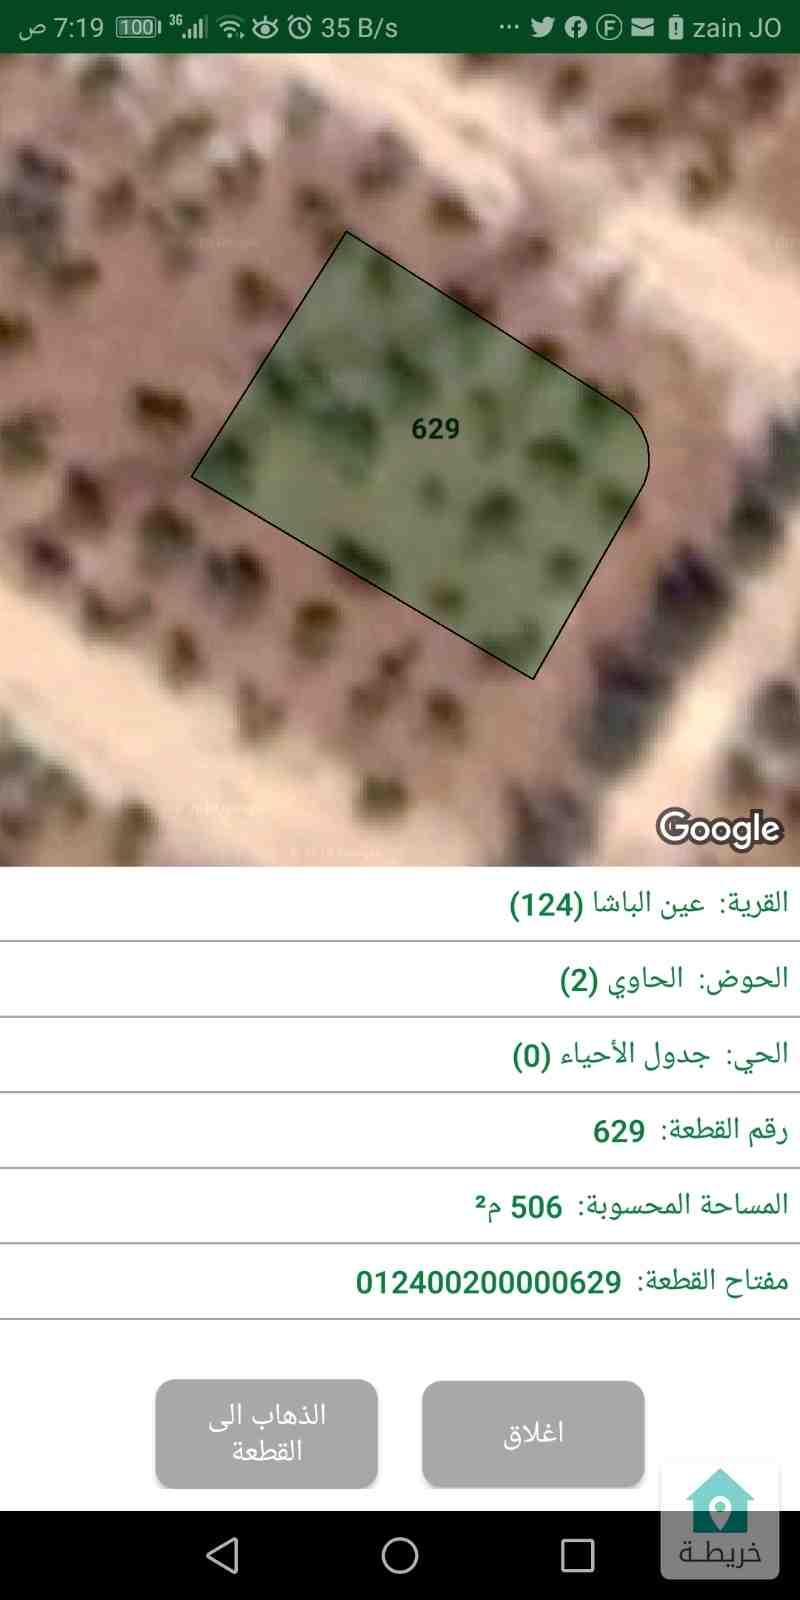 ارض للبيع في عين الباشا منطقه فلل اسعار مغريه